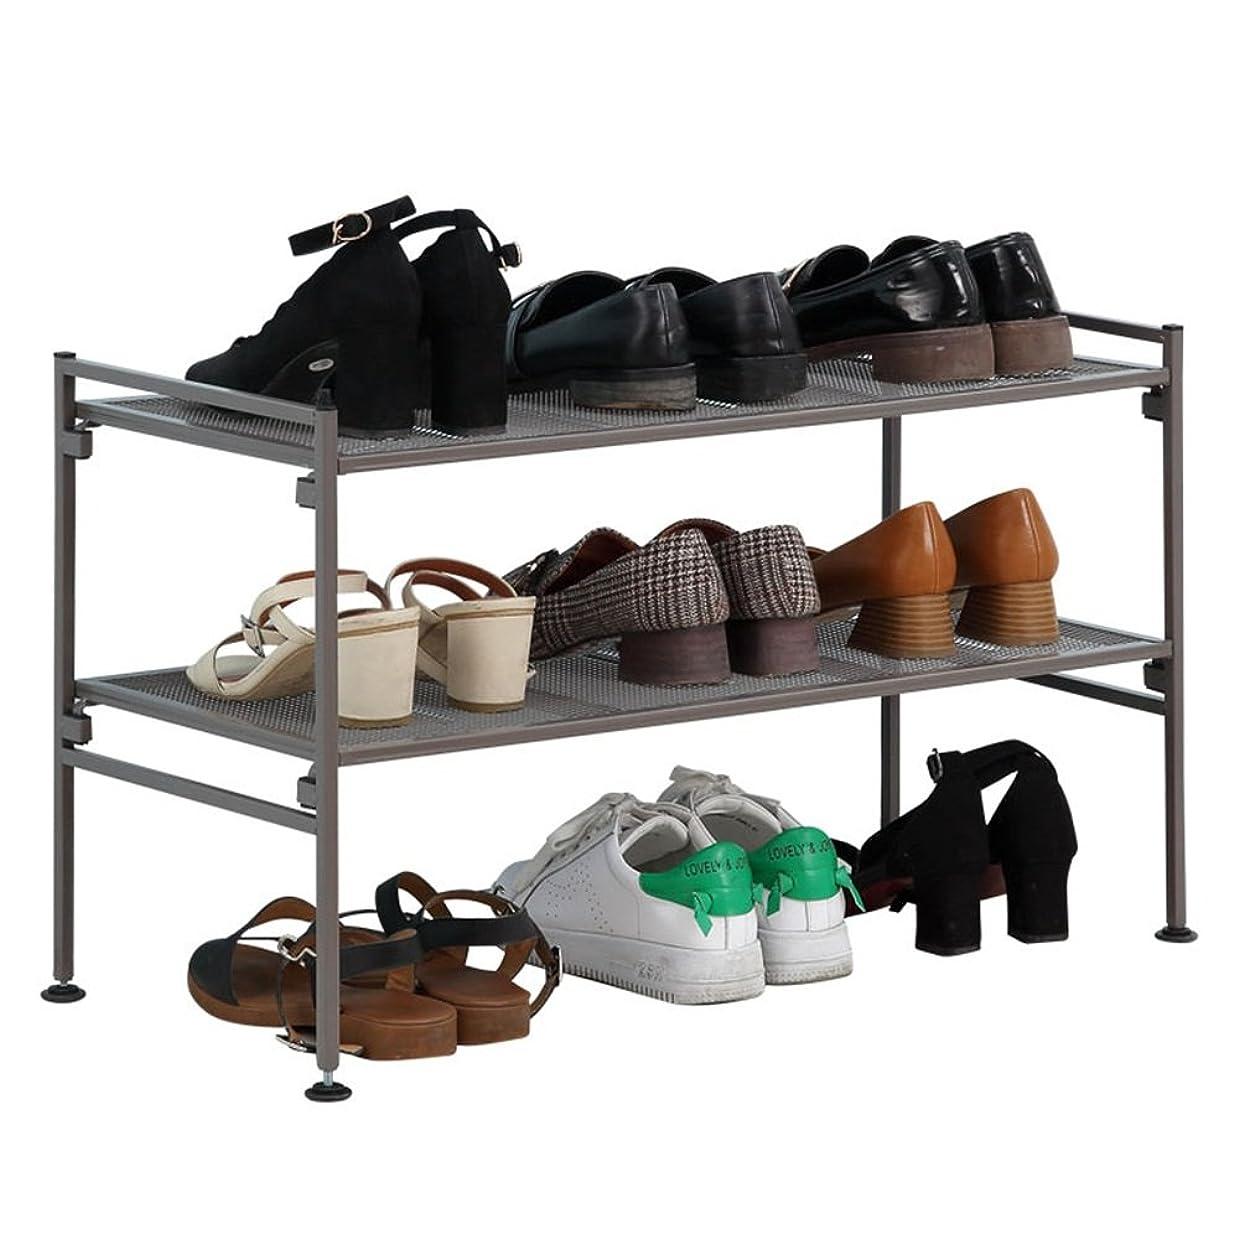 ルビー手書き科学者EIDUOシューズラック 多層靴のラックの腐食と錆の防止多層鍛造アイアンシェルフ拡張可能なオーバーレイの高さハニカムパネル67 * 30 * 40センチメートル 自宅に適しています